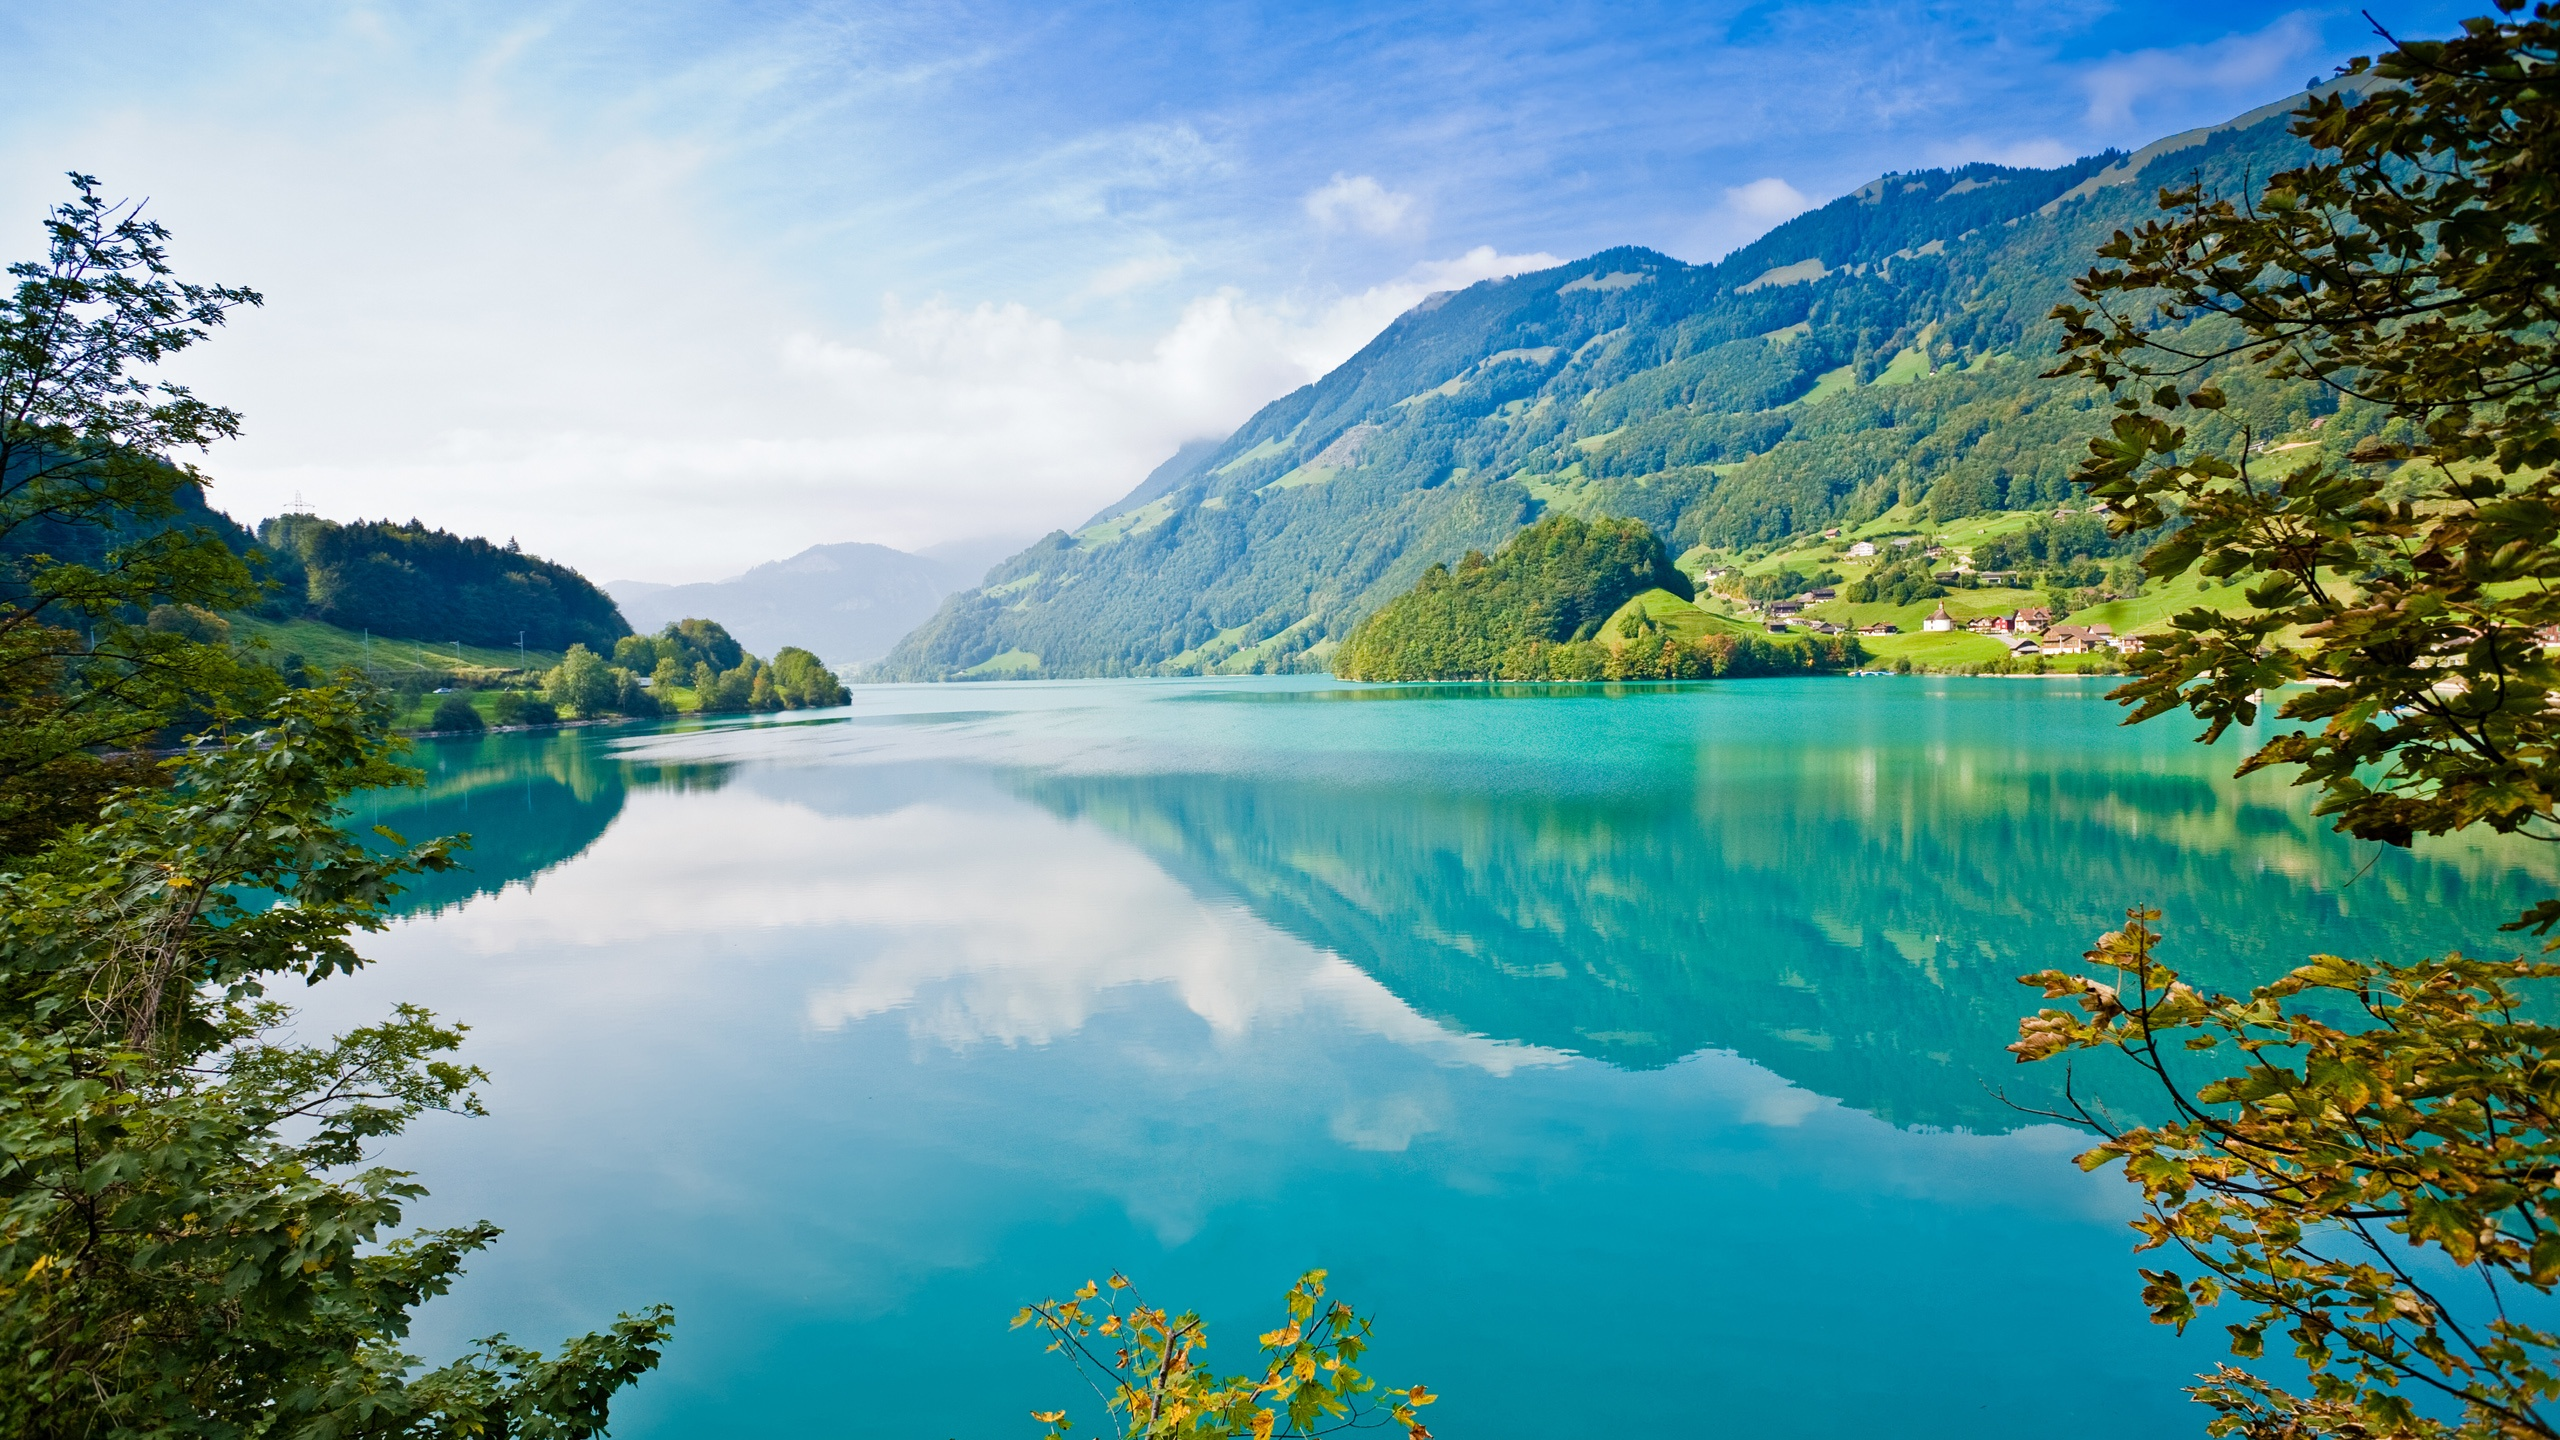 Schöne natur landschaft see berge bäume dorf blauer himmel